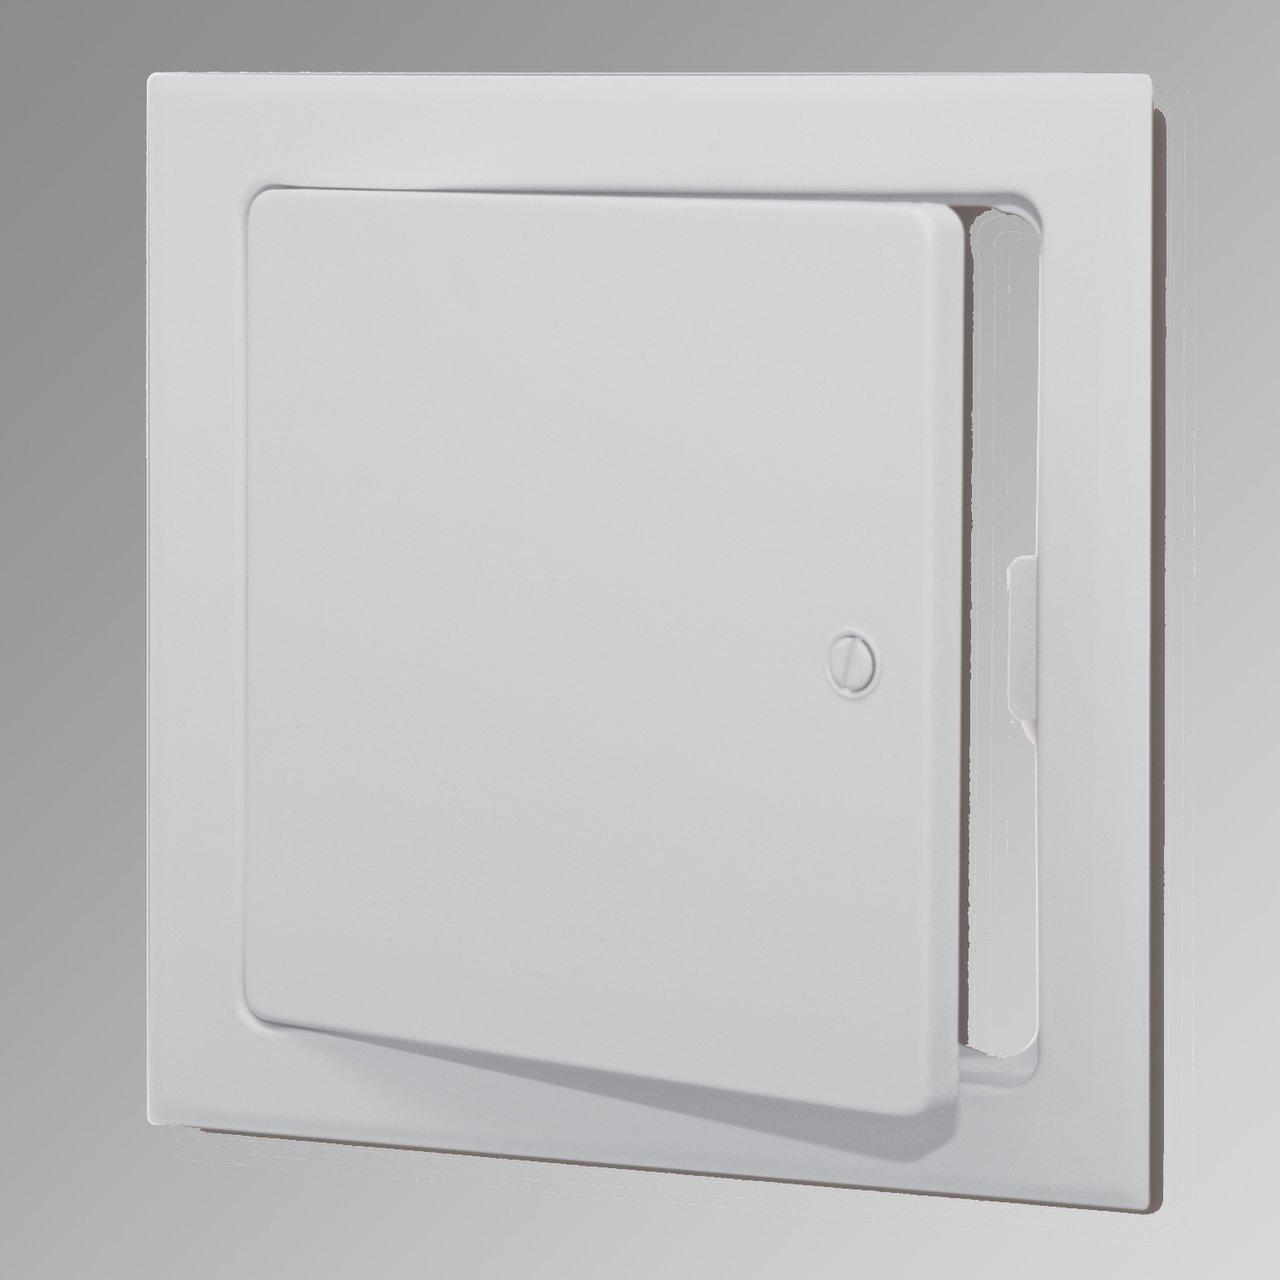 Acudor UF-5500 Universal Flush Access Door 18 x 18, White